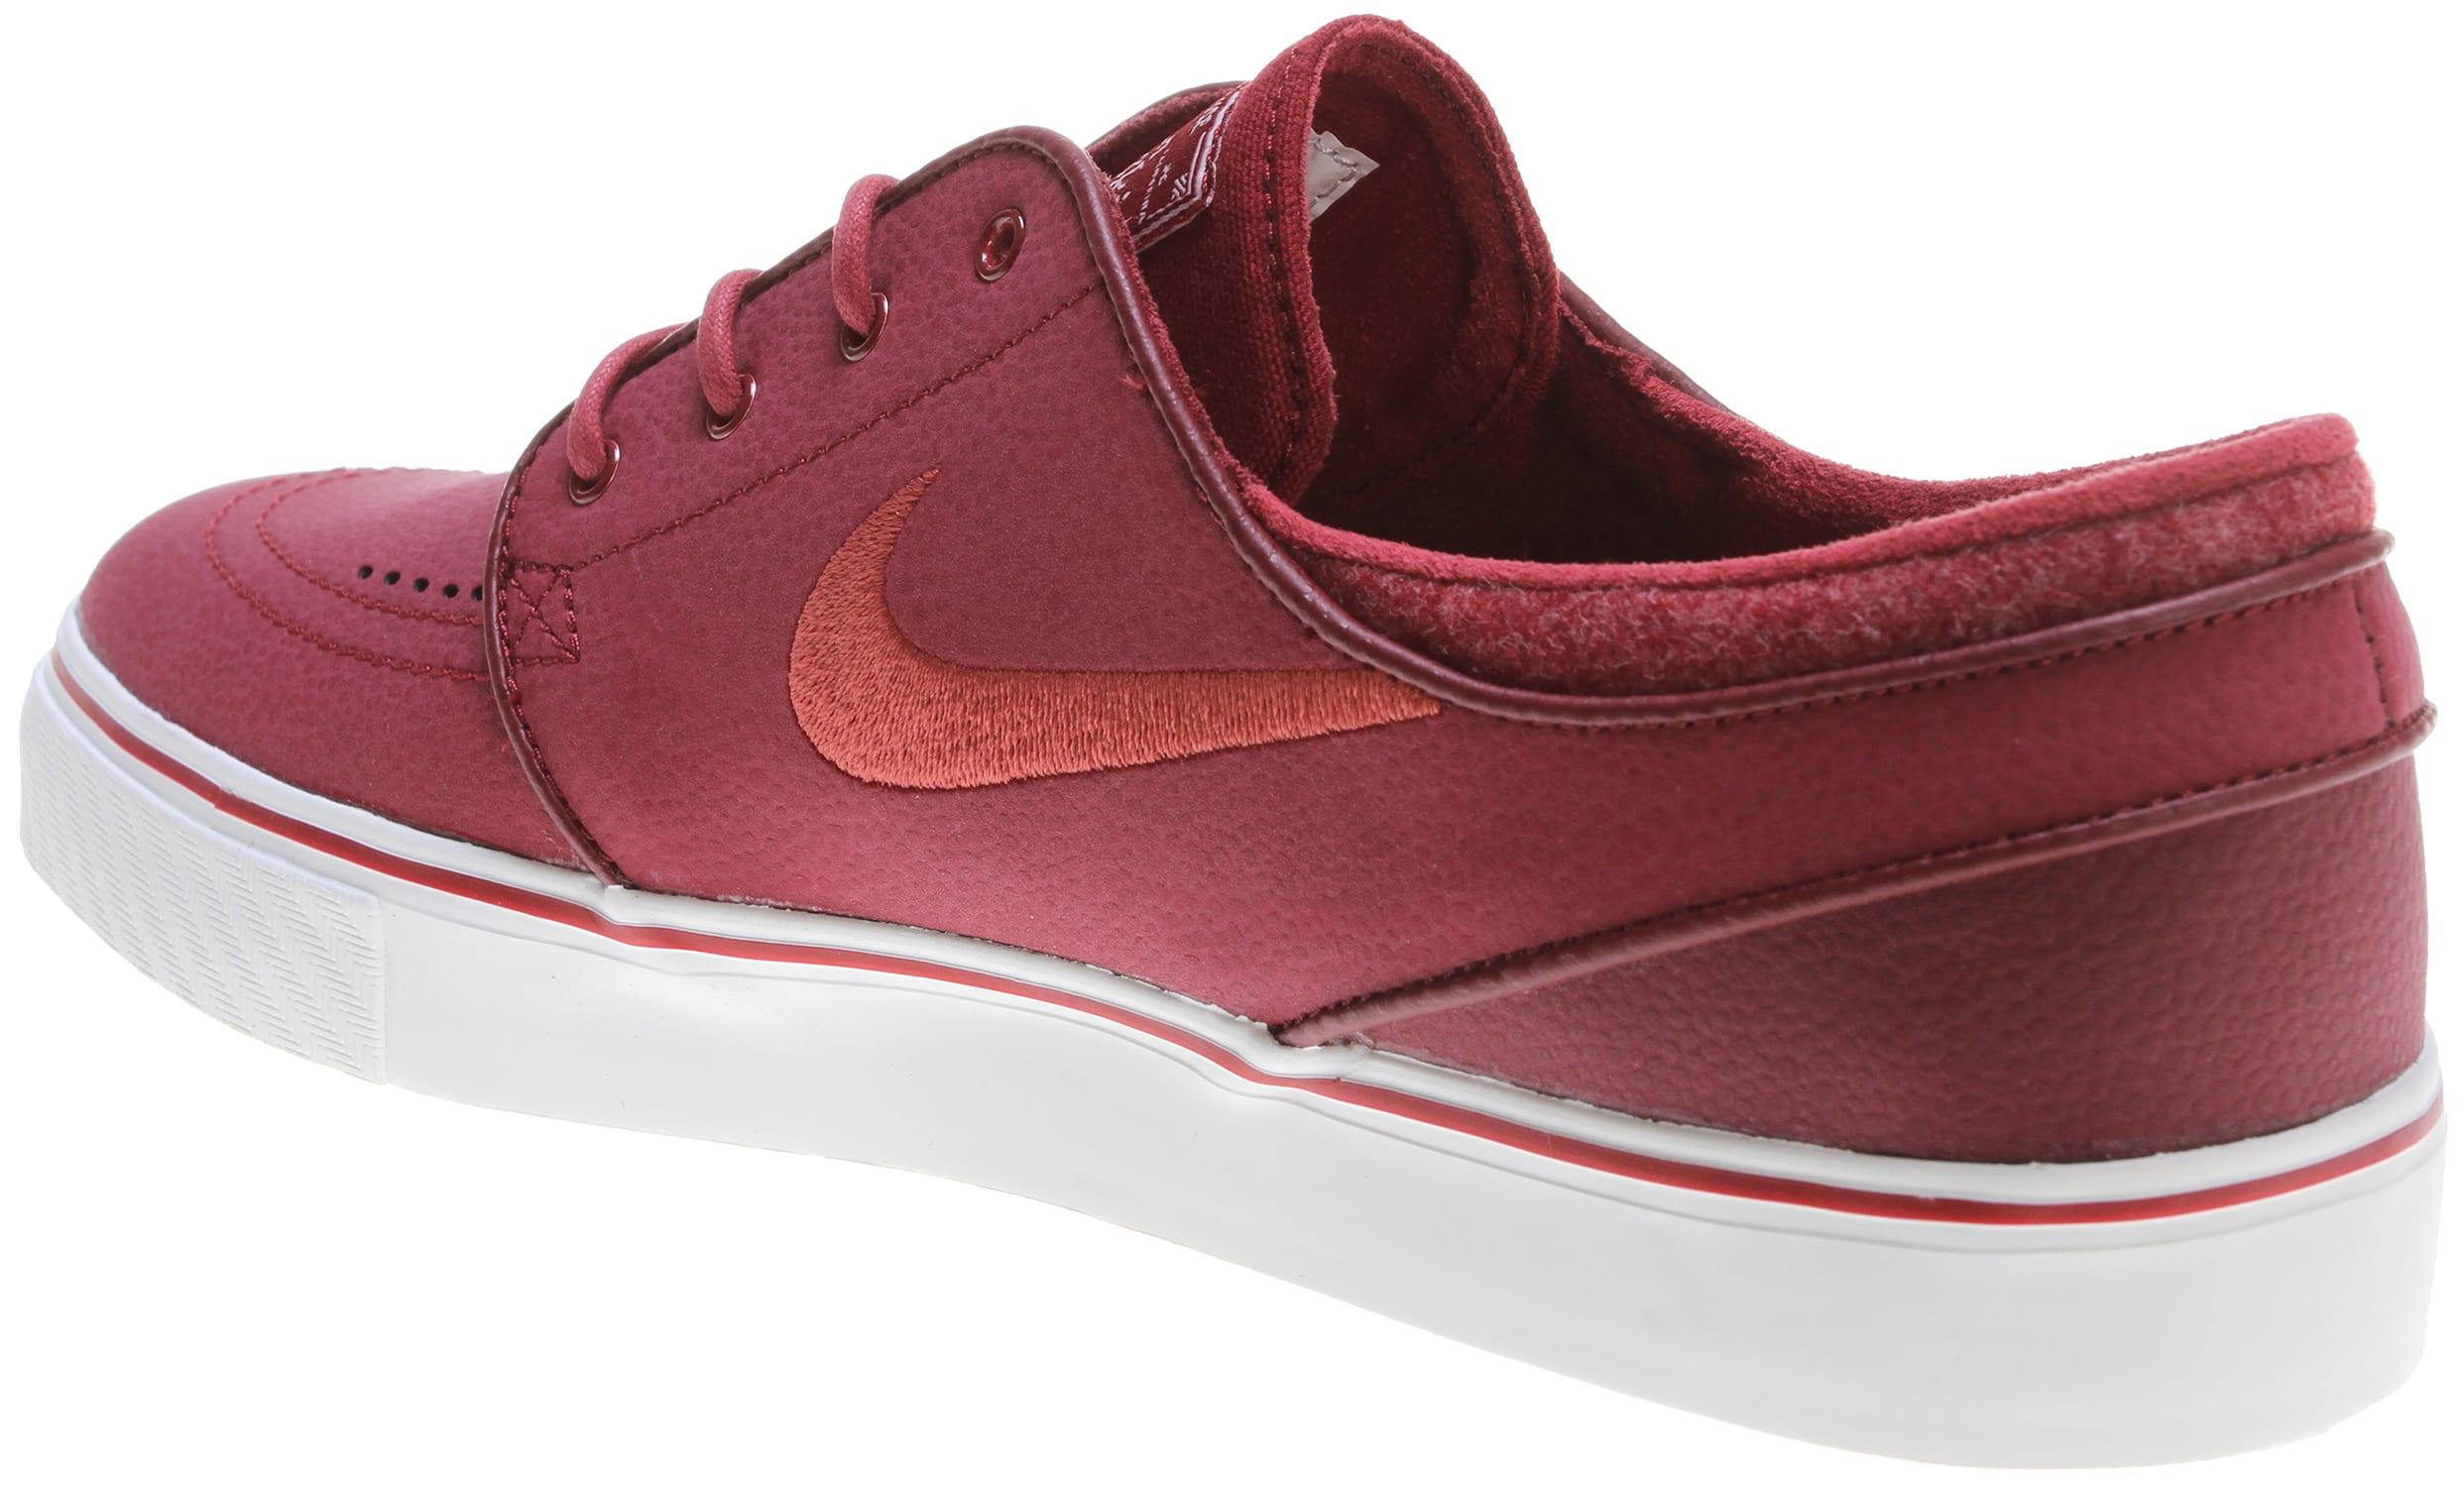 cf7875e8dbd67 Nike Zoom Stefan Janoski L Skate Shoes - thumbnail 3